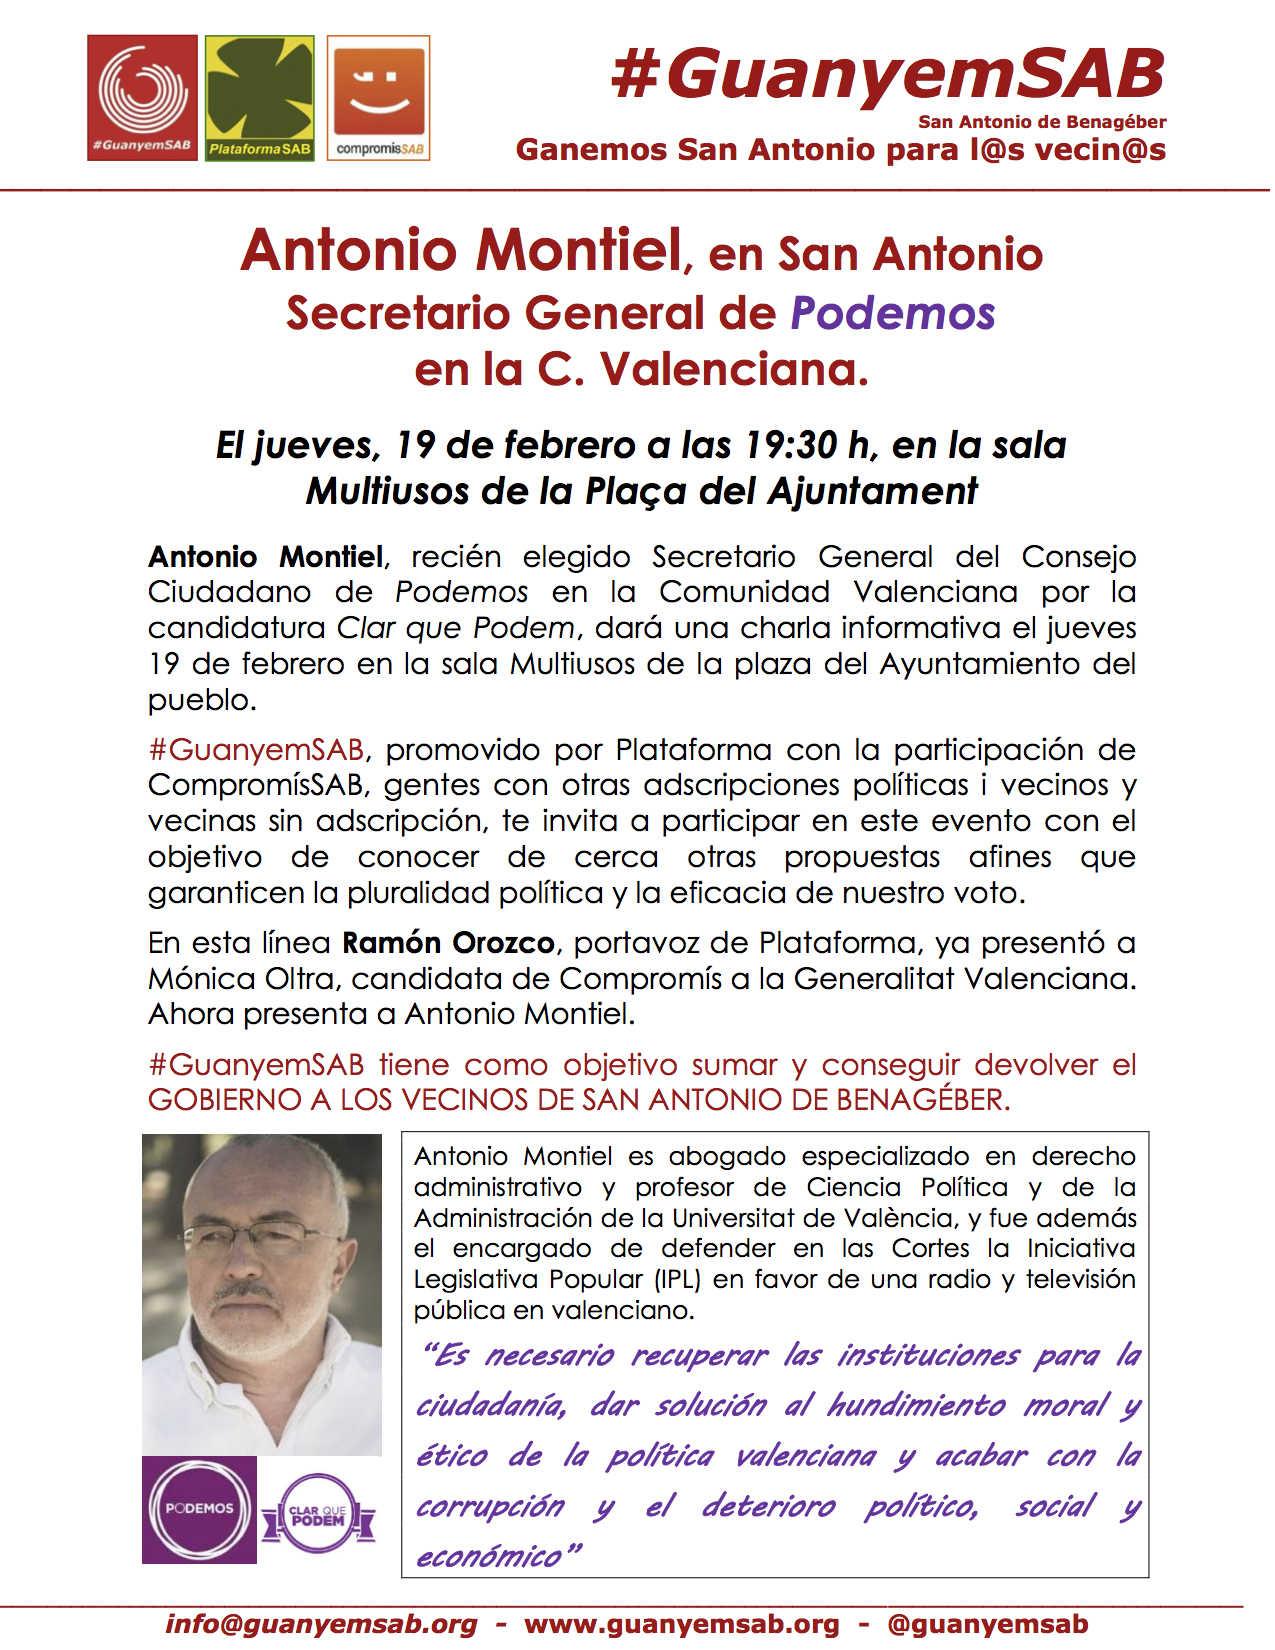 Acto de Antonio Montiel 19 febrero 2015  CASTELLANO V3 COLOR